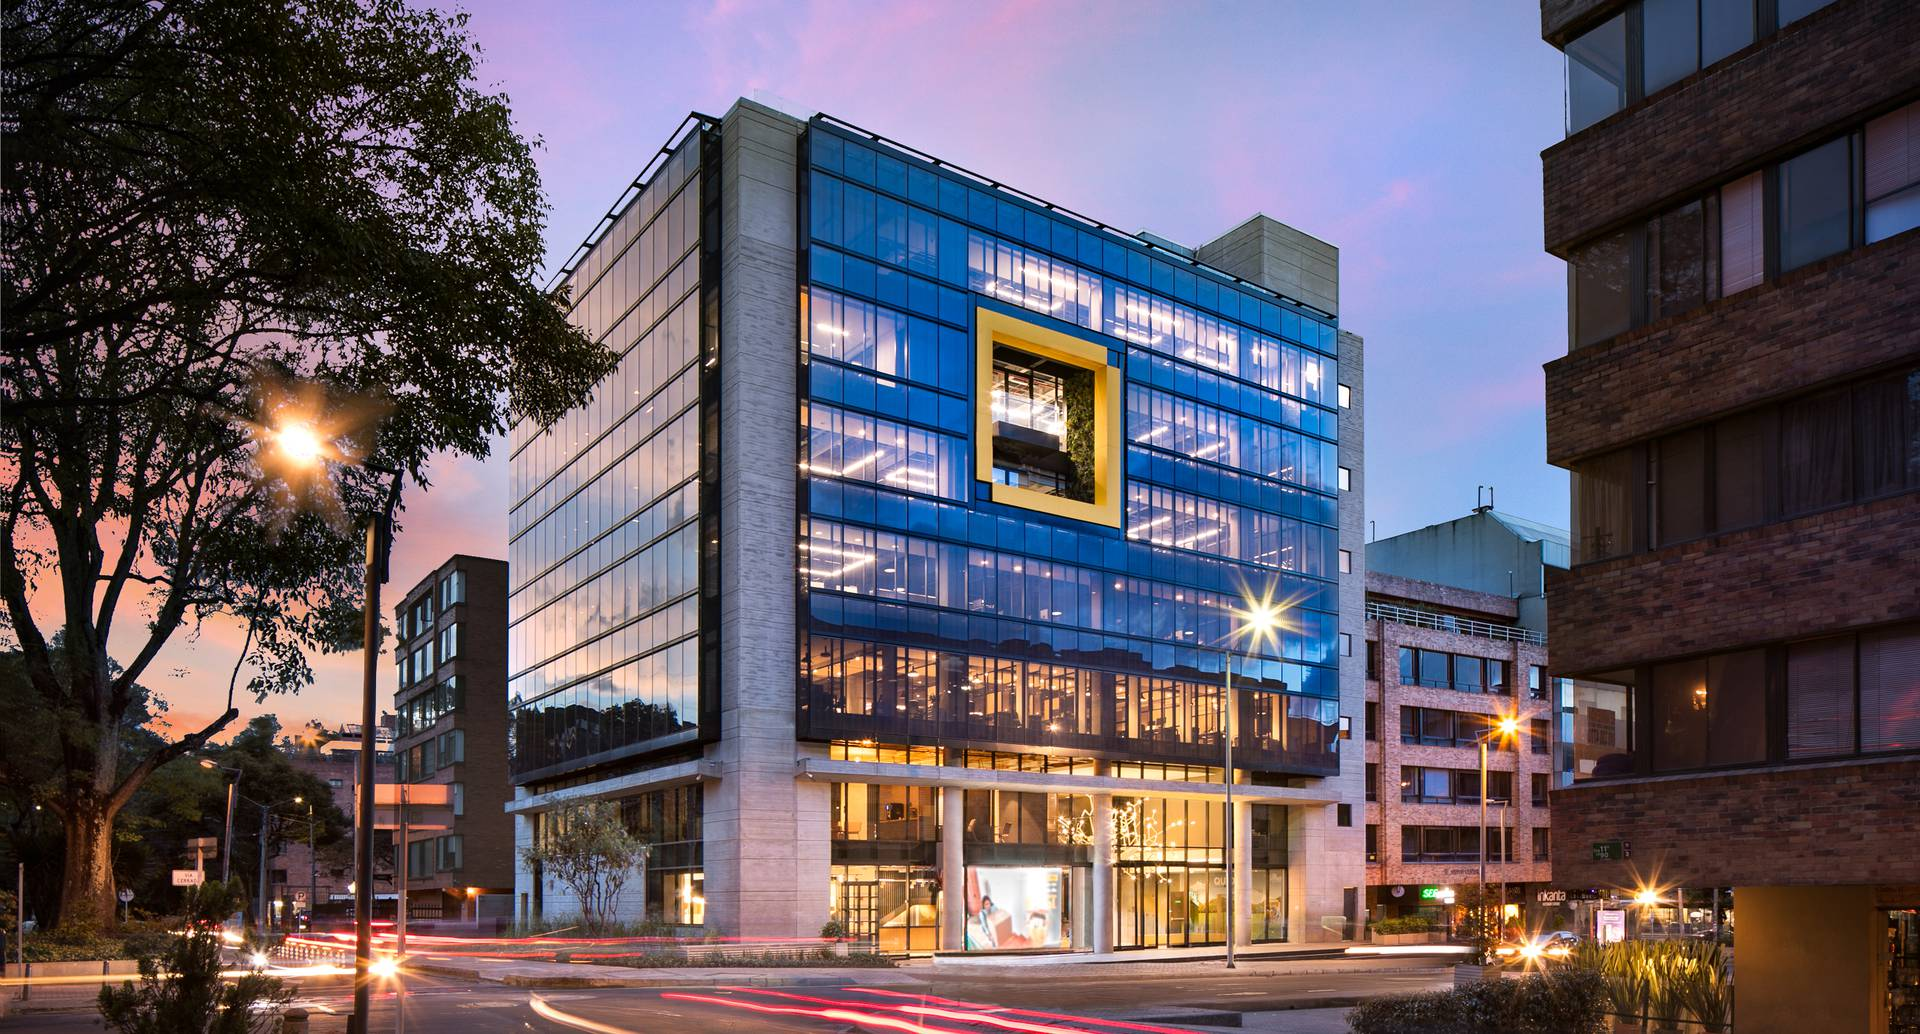 El edificio cuenta con aplicativos que evalúan y controlan de manera automática y remota los sistemas de iluminación y generación de energía fotovoltaica. Construcción Edificios inteligentes